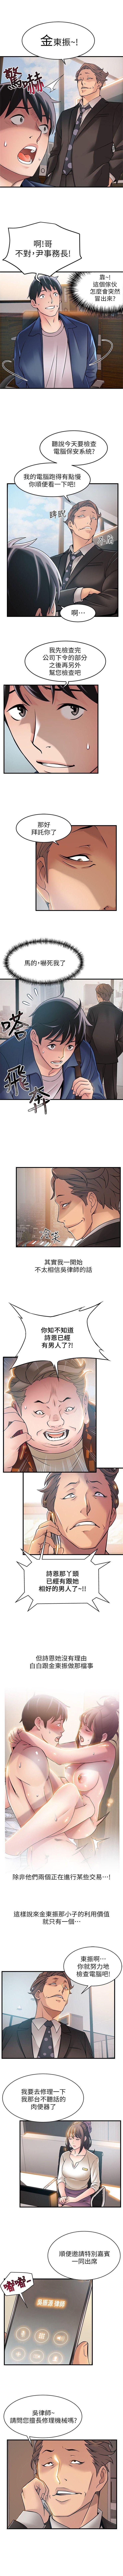 (周7)弱点 1-66 中文翻译(更新中) 148